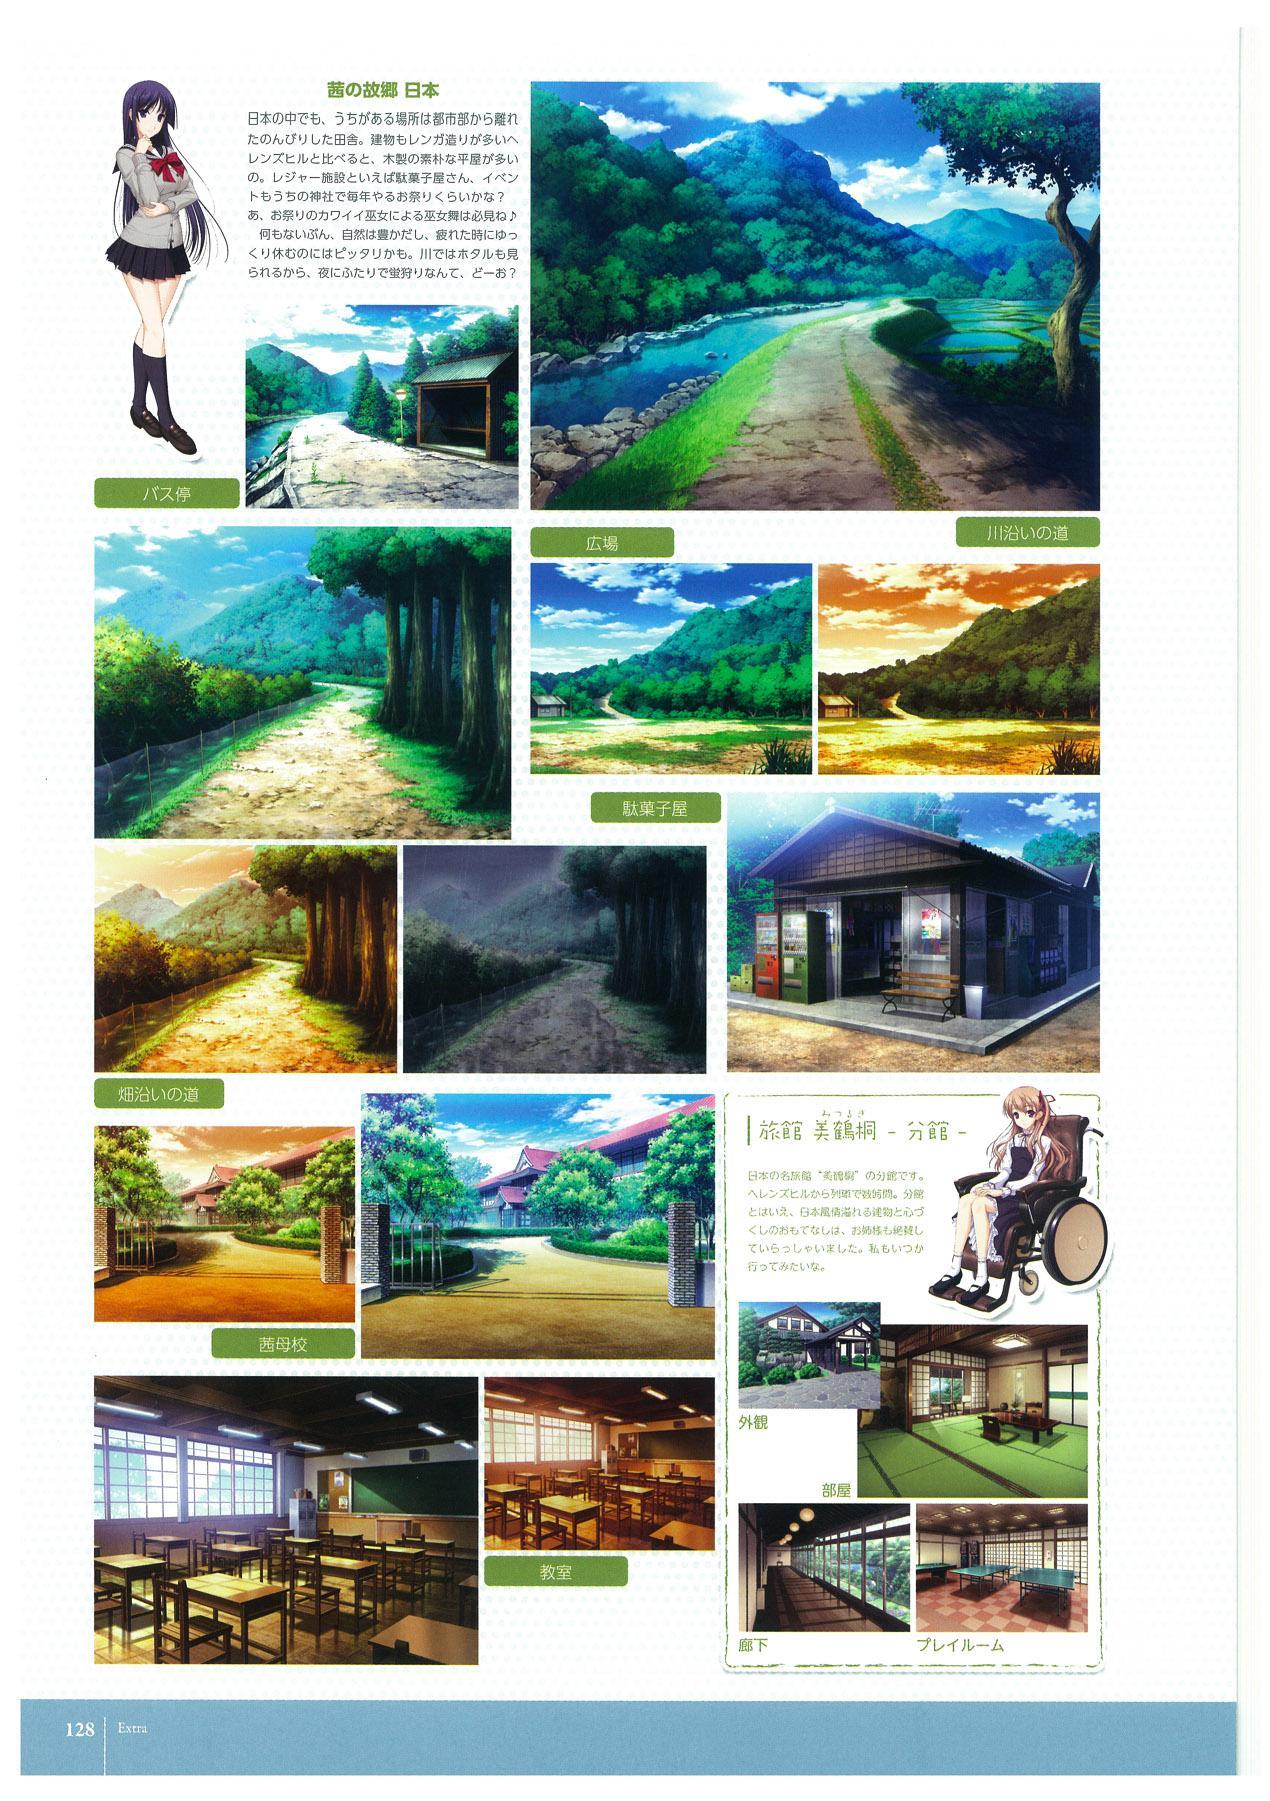 Walkure Romanze More & More Visual Fan Book 129